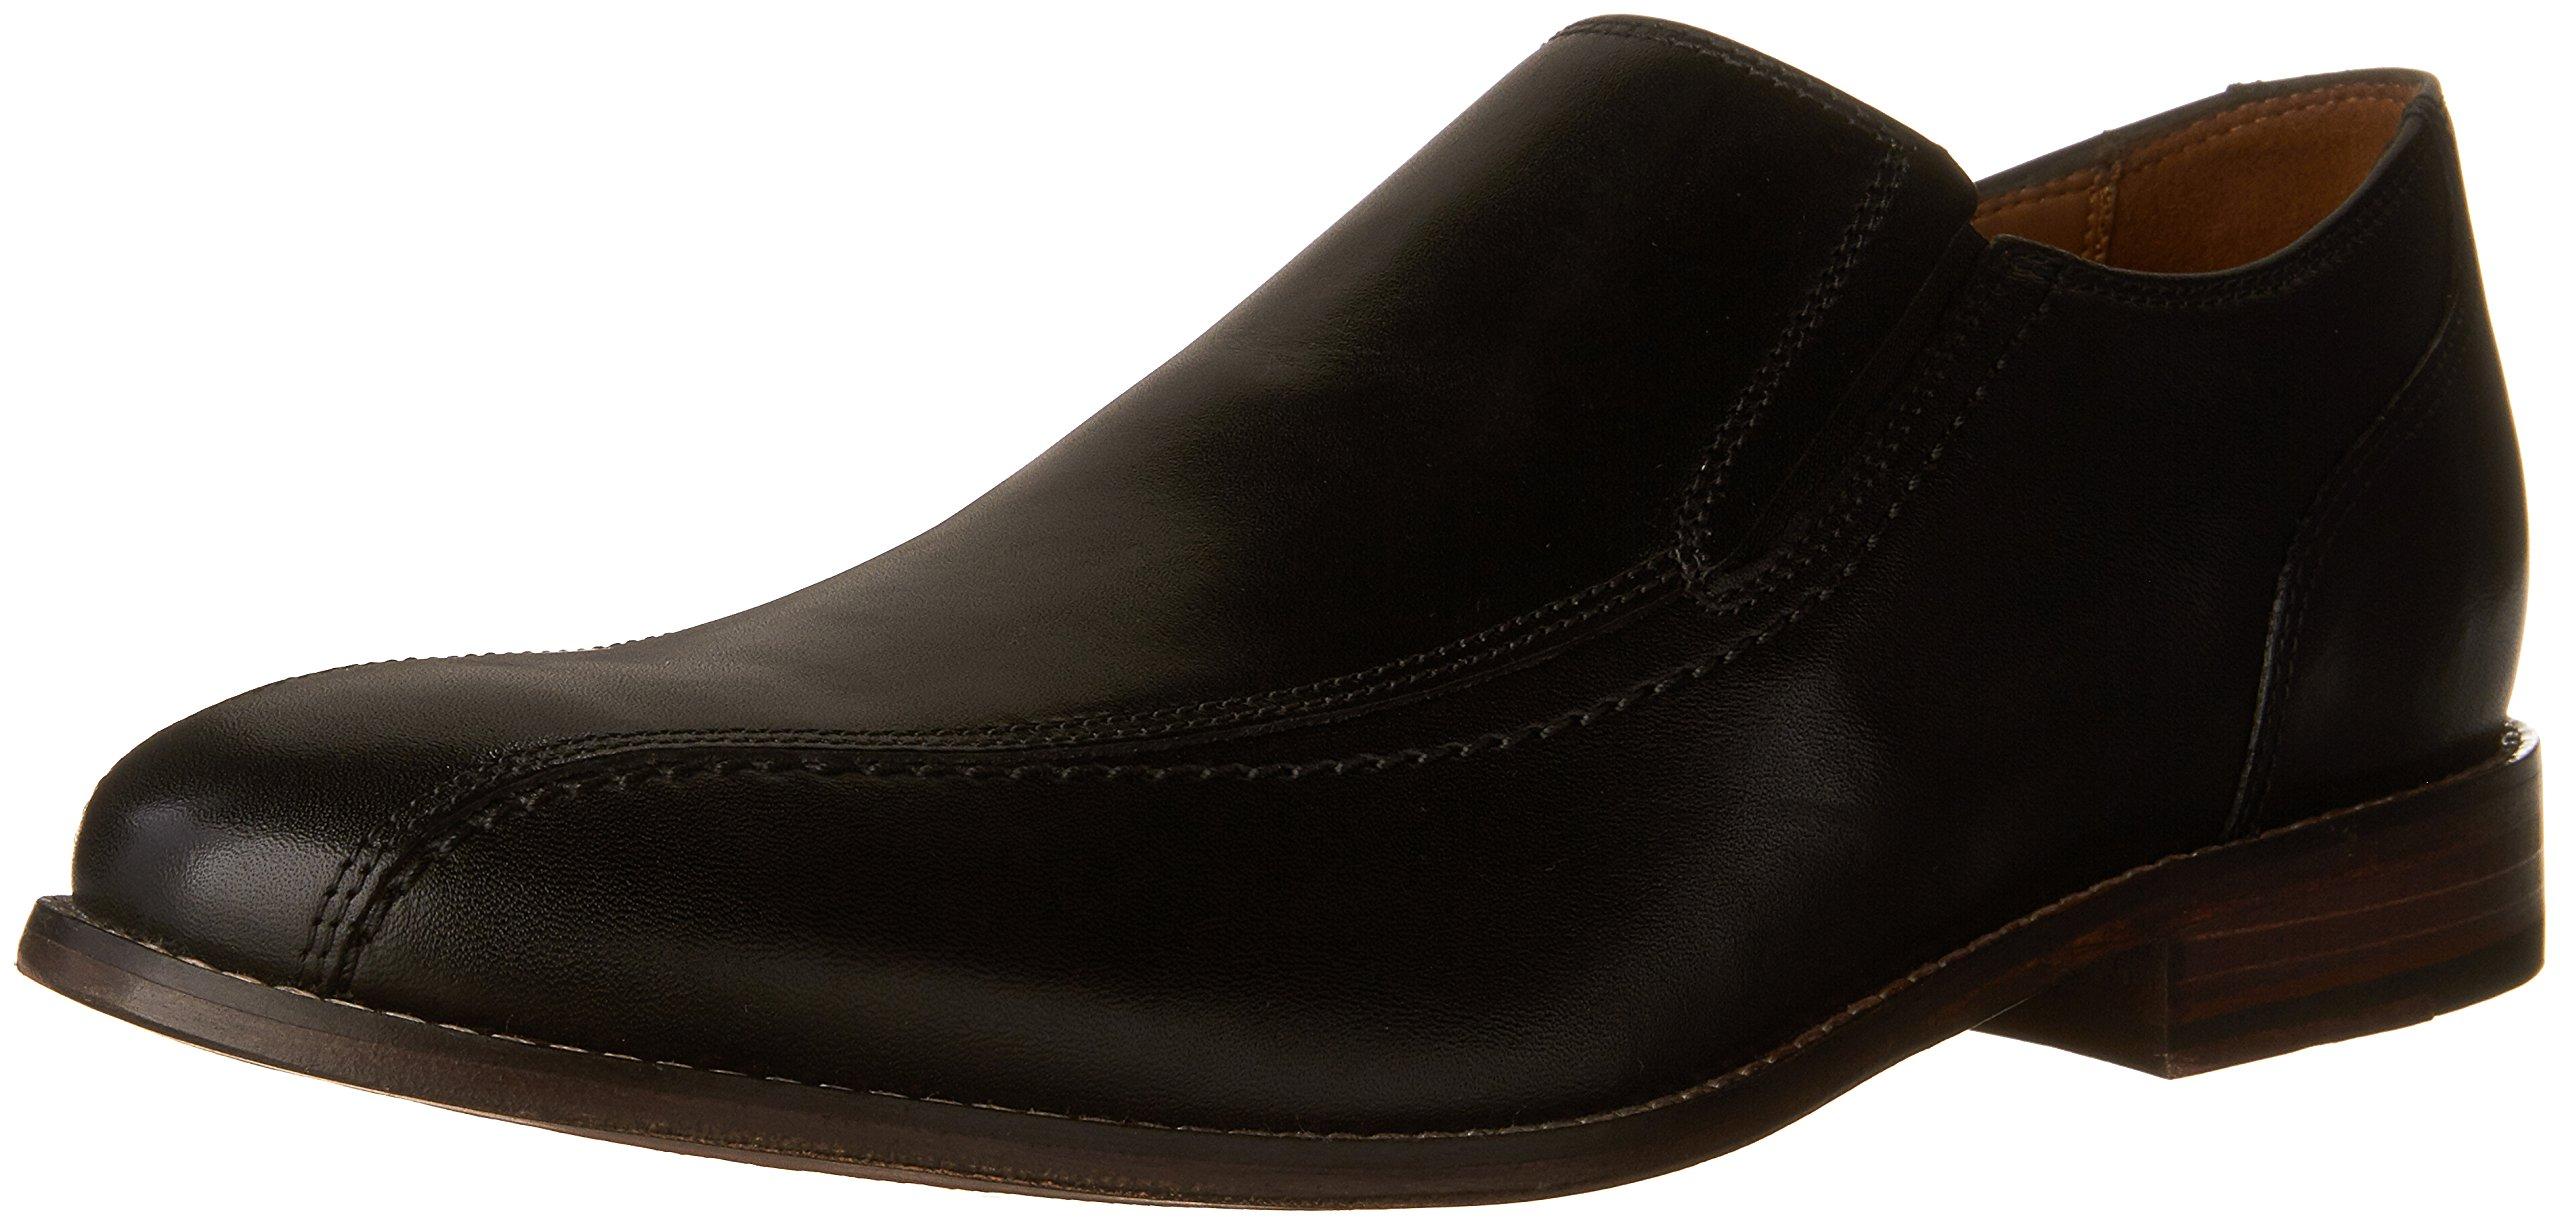 Bostonian Men's Ensboro Step Slip-on Loafer, Black, 9 SS US